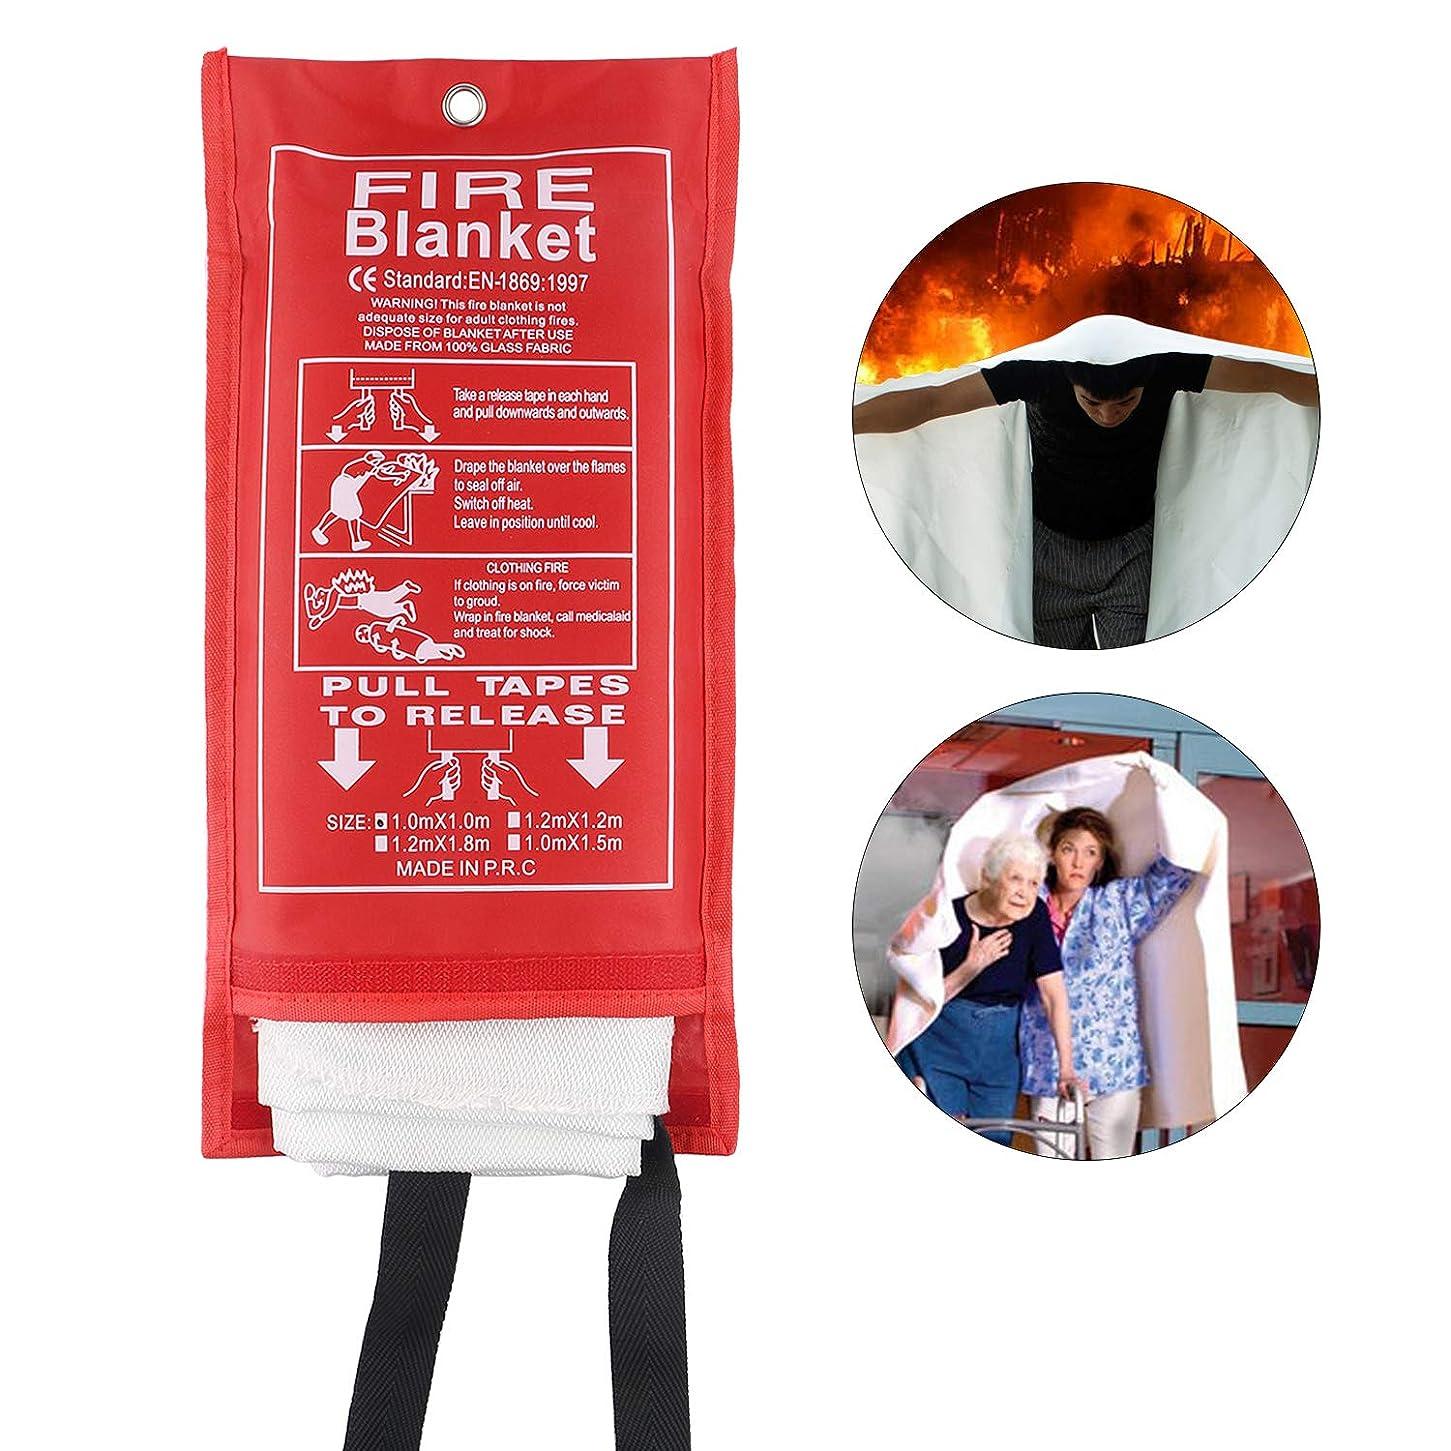 壁紙呼び出す産地防火ブランケット 緊急 サバイバル ファイバーグラス 保護ブランケット 難燃性 断熱 安全 暖炉カバー シェルター 溶接 ブランケット 車 キッチン 暖炉 グリル キャンプ